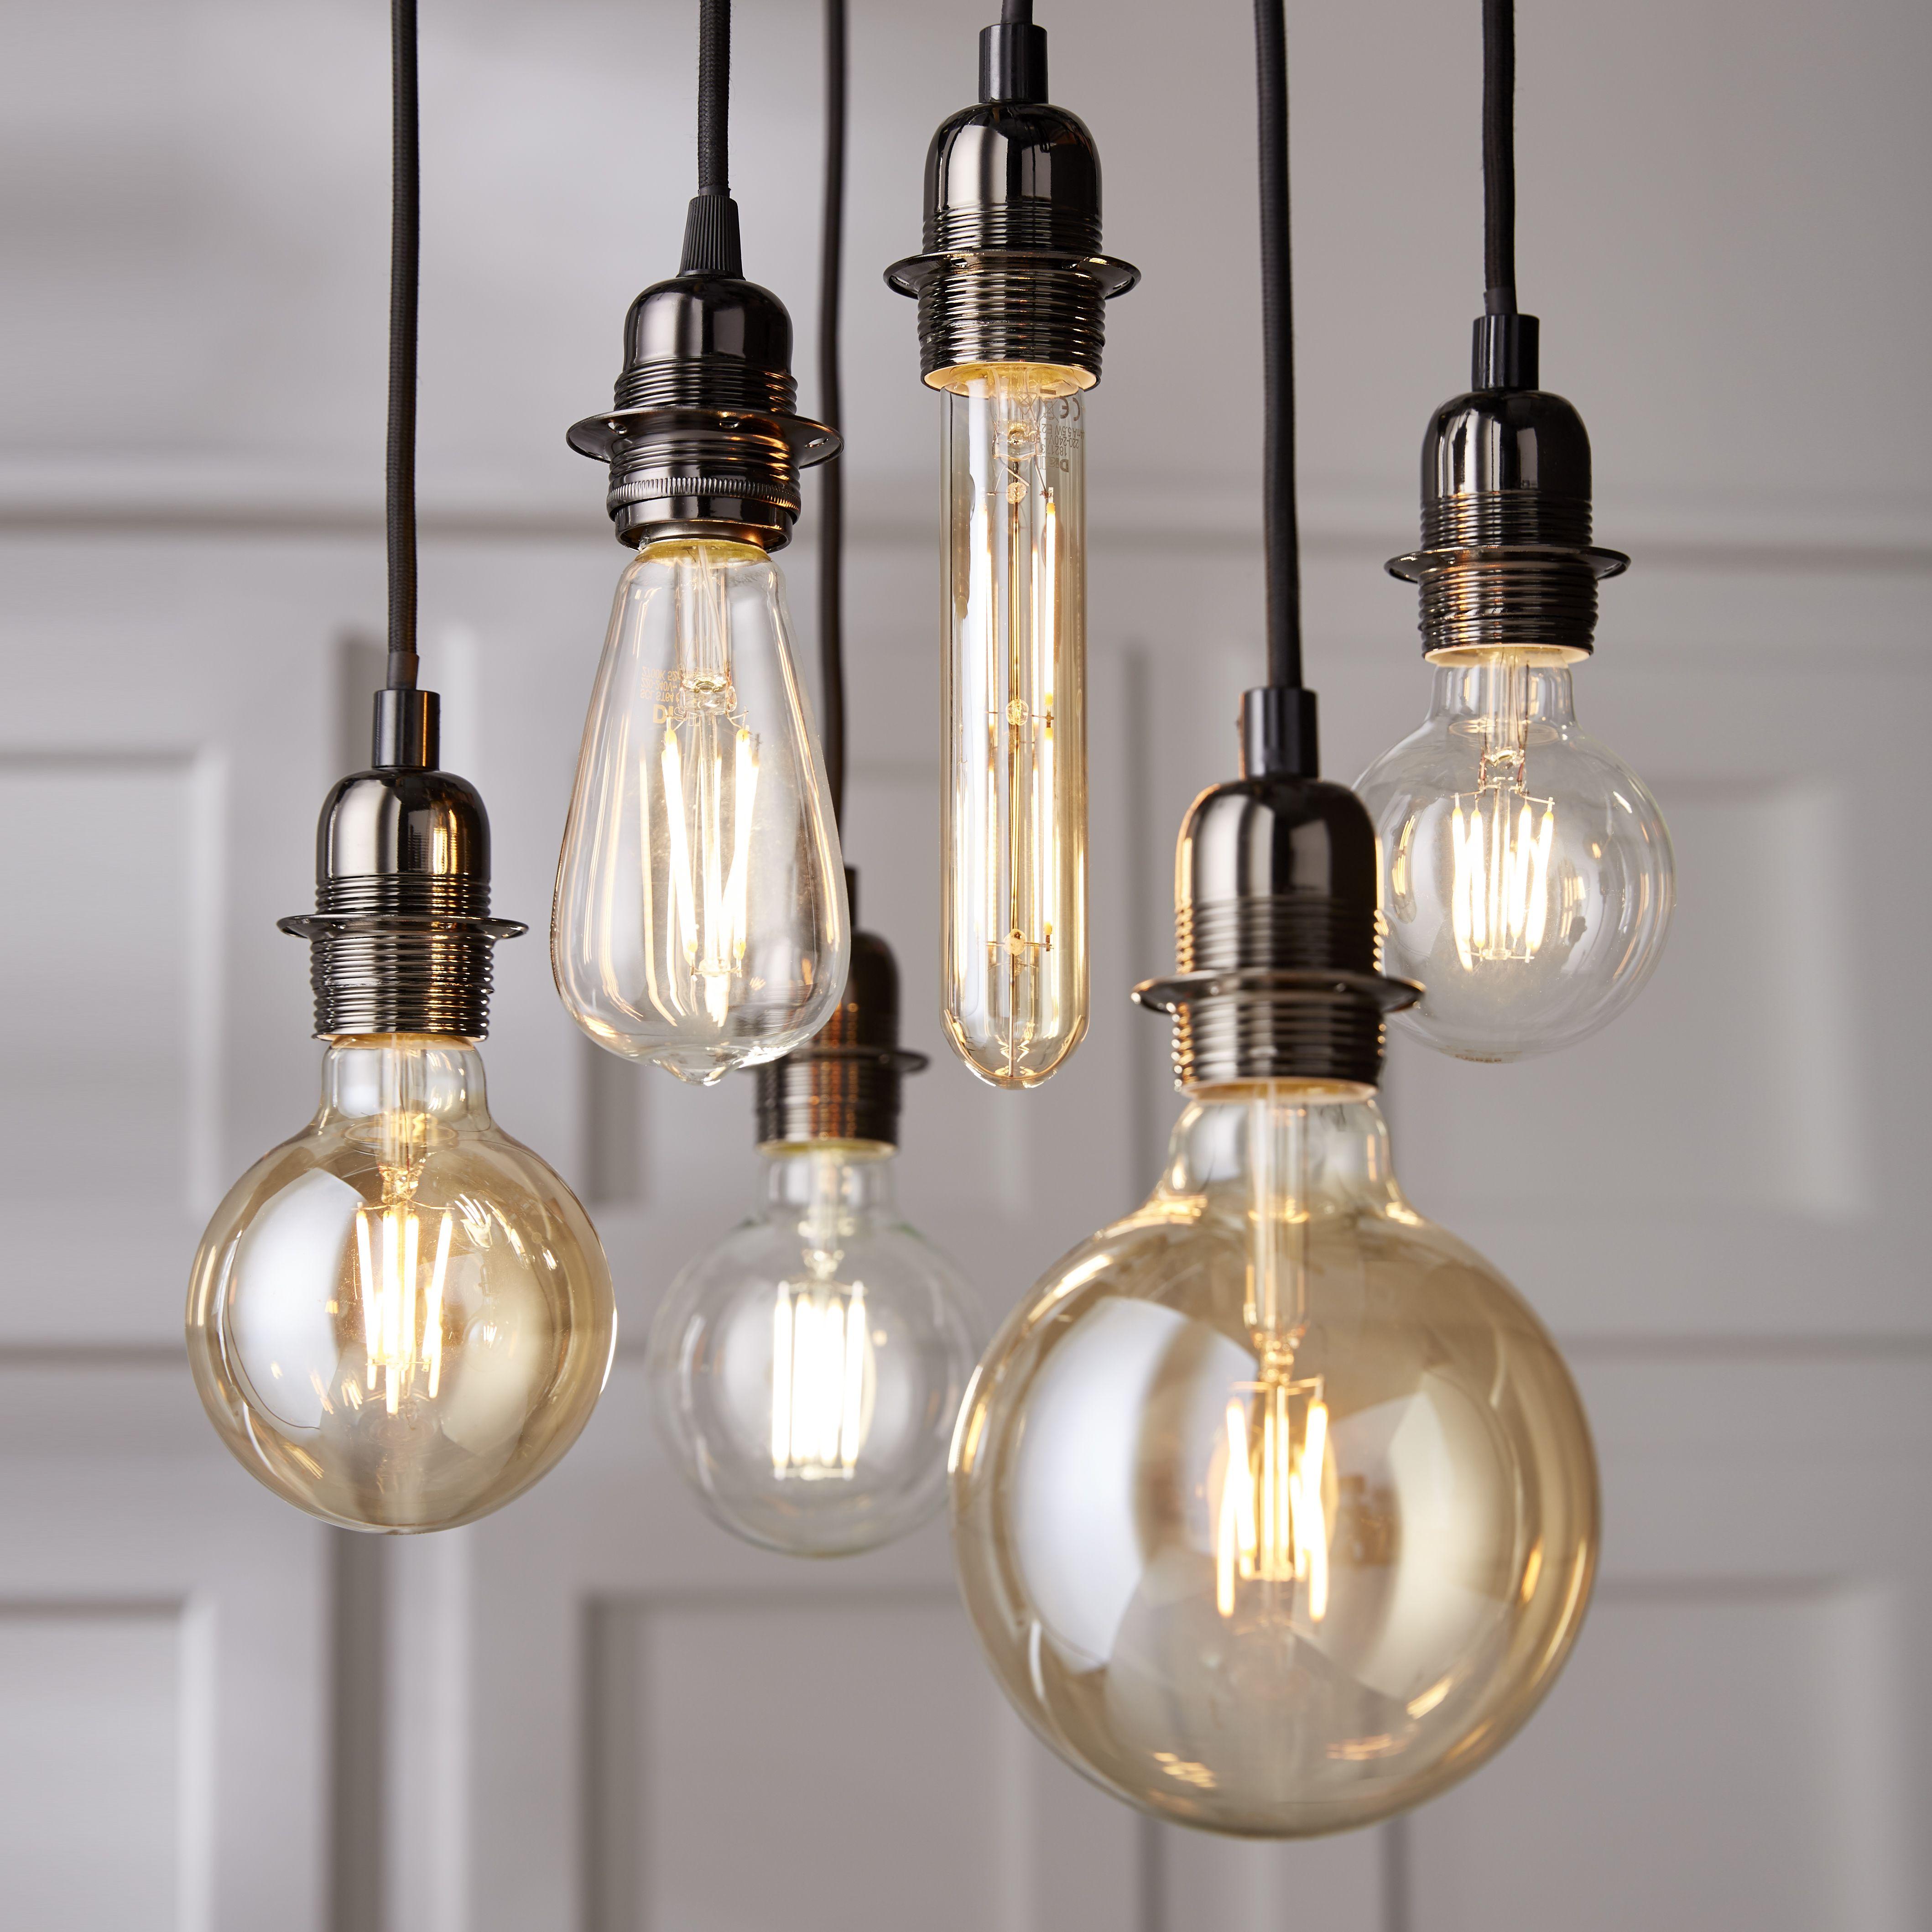 Des Ampoules Decoratives A L Aspect Vintage Pour Octroyer Un Look Industriel A Votre Interieur Castorama Insp Lumieres Ampoule Suspension Luminaire Bulbes